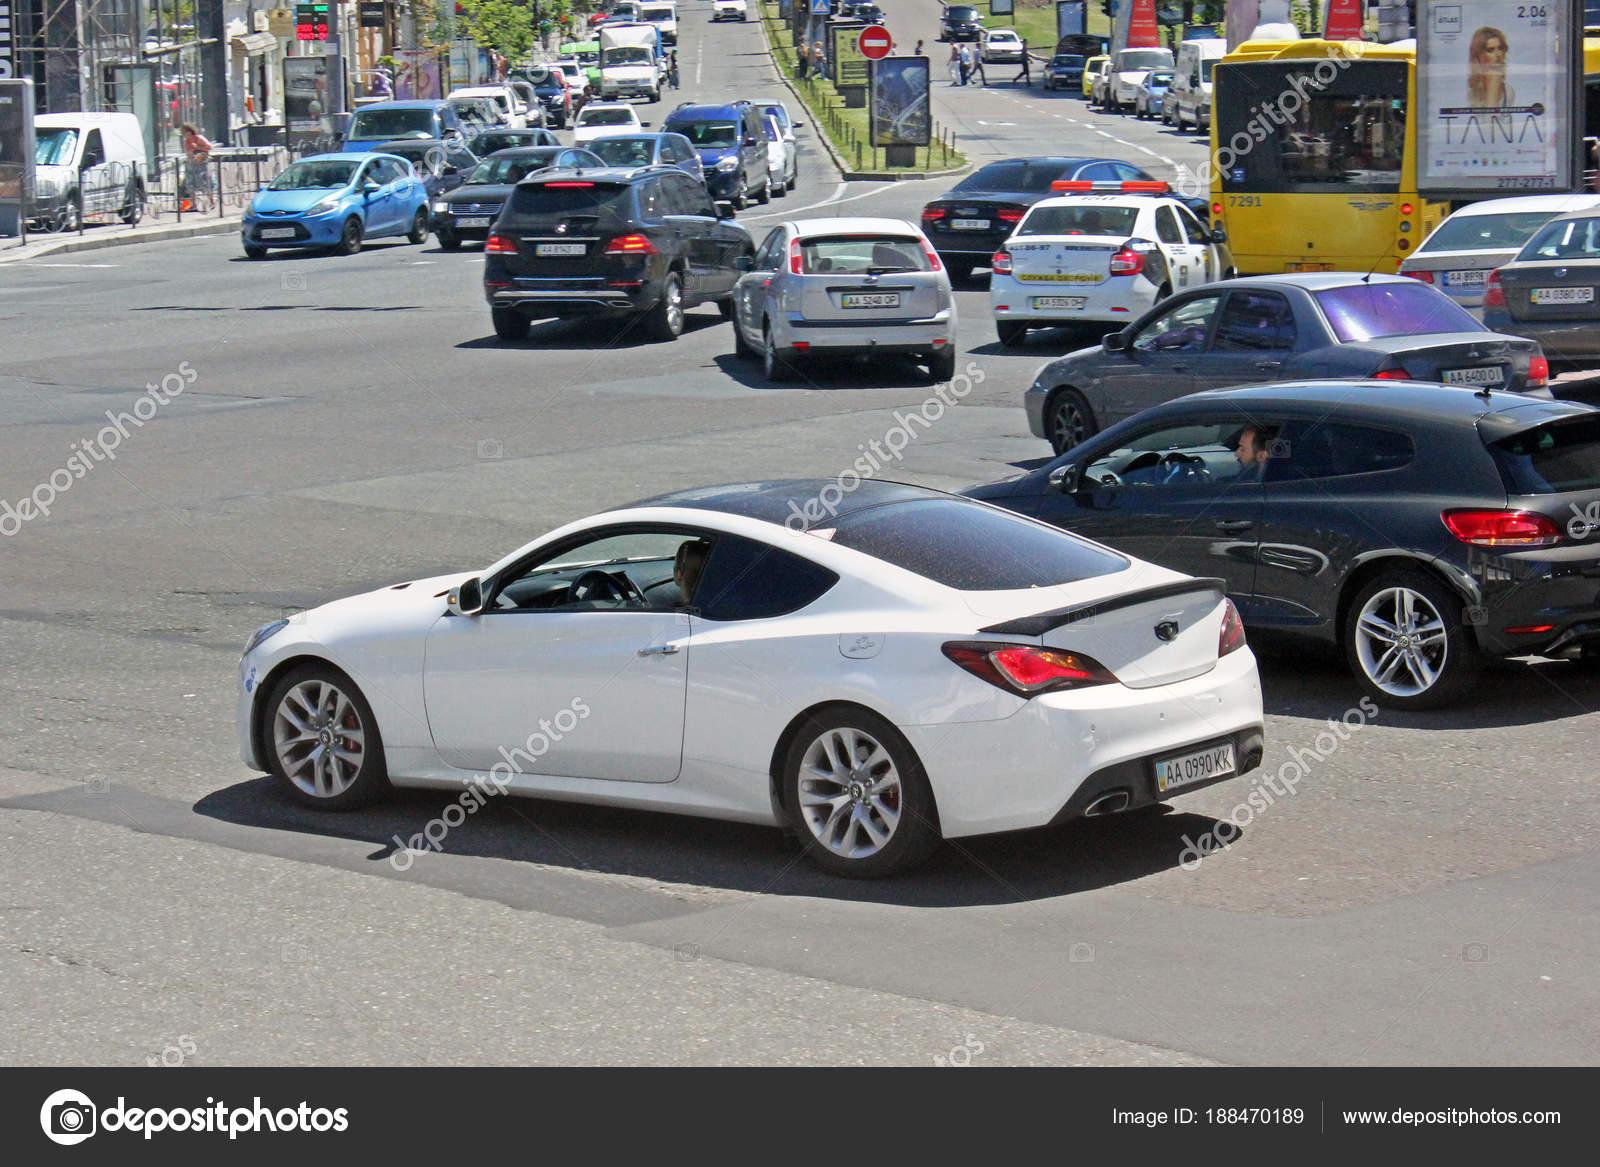 2018 Hyundai Genesis Coupe >> White Hyundai Genesis Coupe Kiev Ukraine June 2017 Editorial